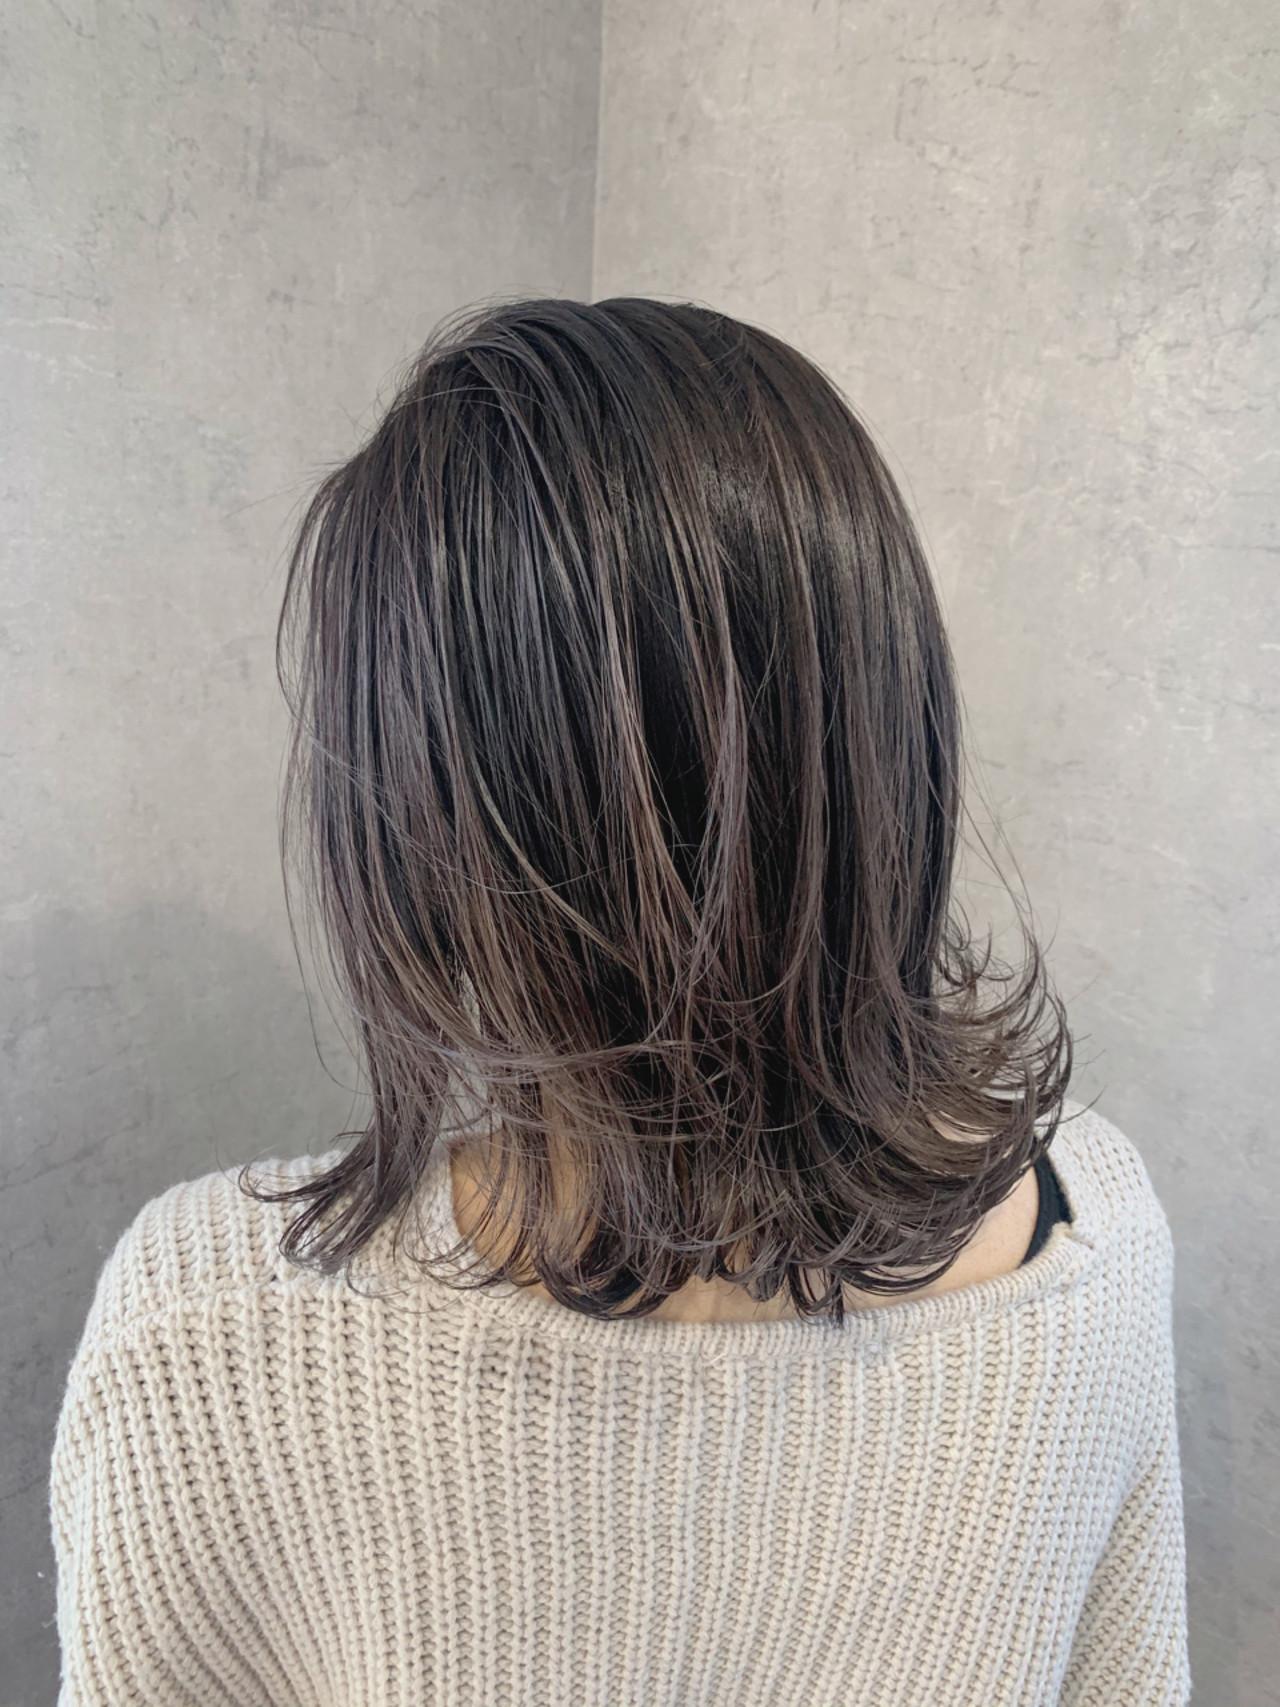 ミディアム 簡単スタイリング ナチュラル ダークアッシュ ヘアスタイルや髪型の写真・画像